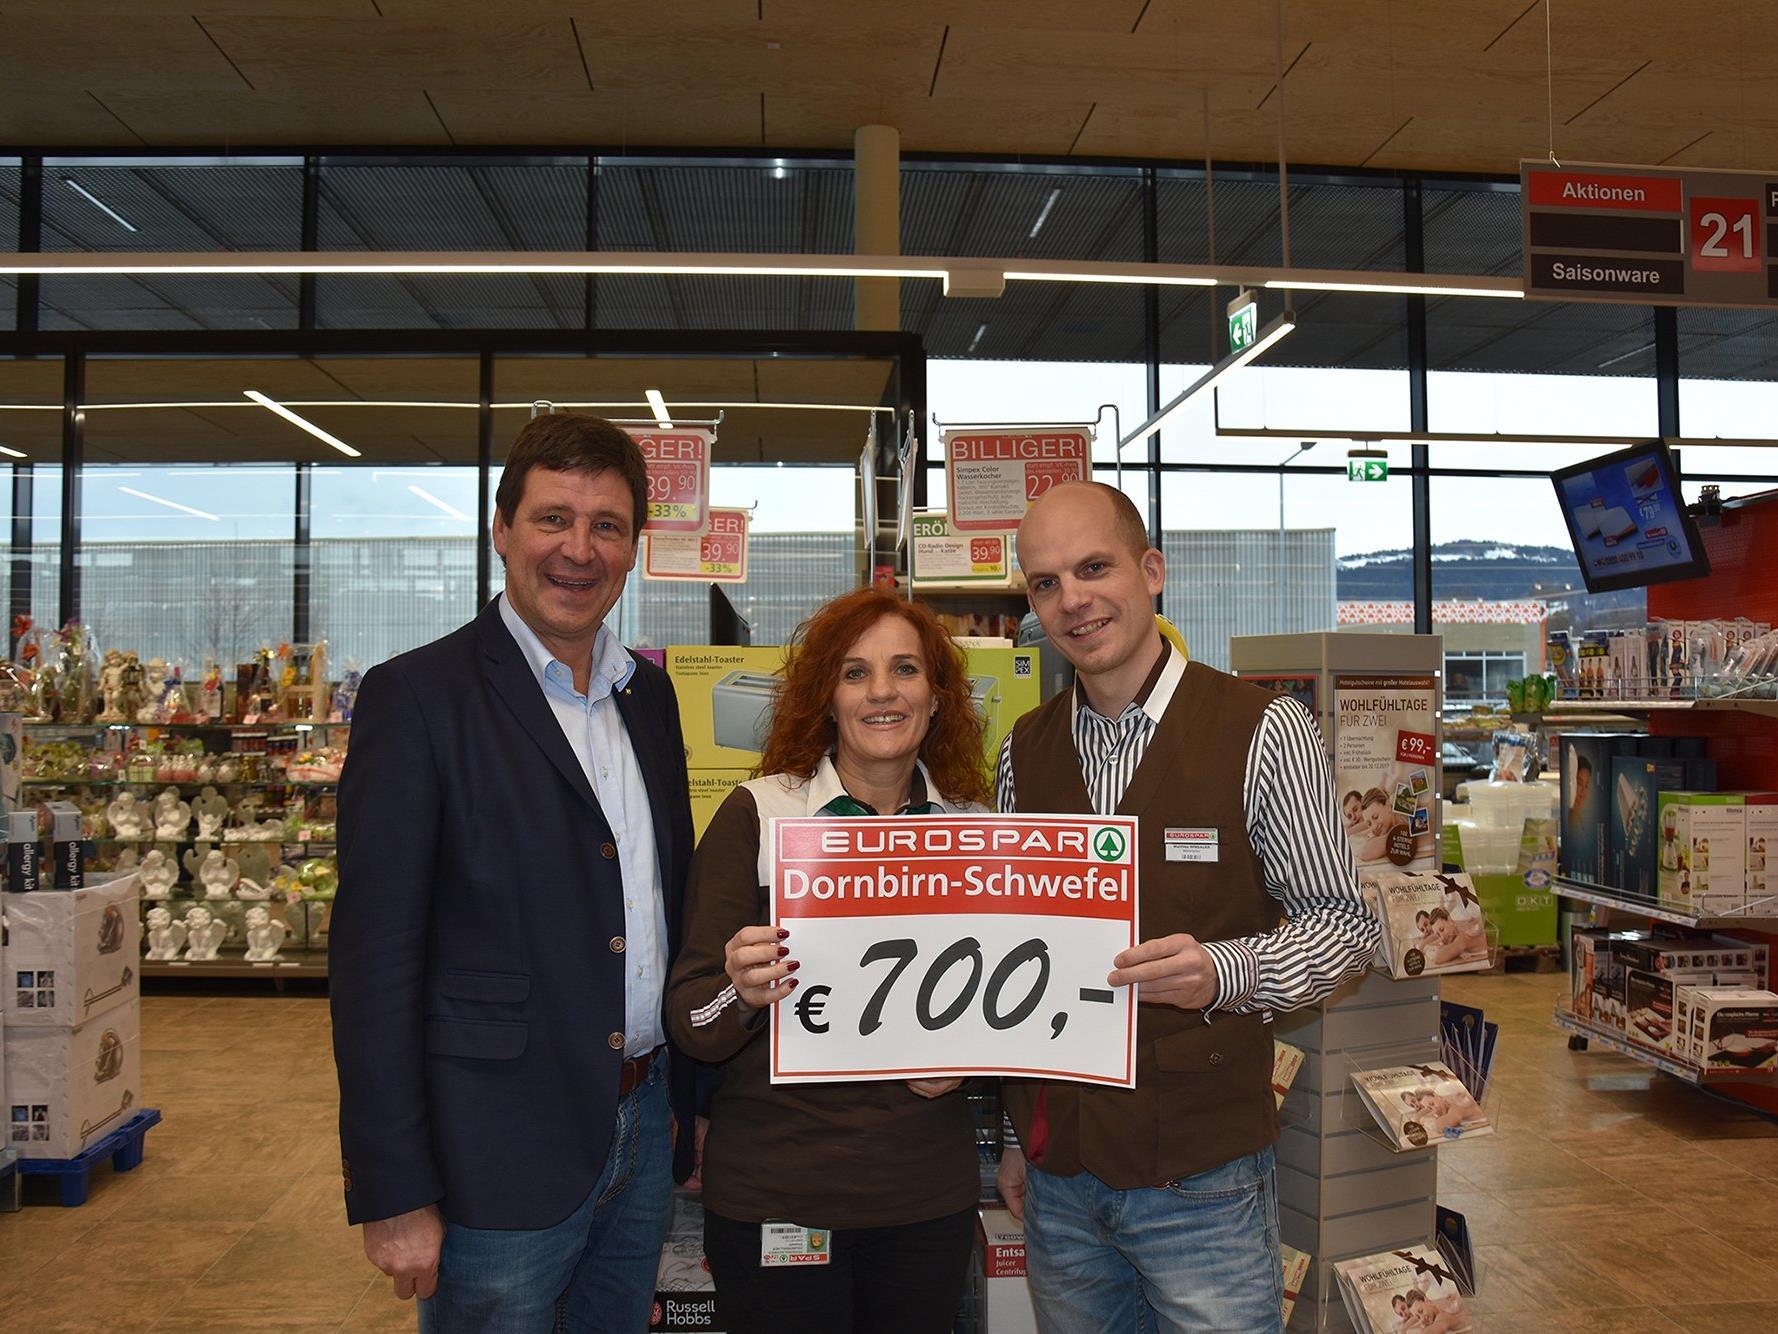 SPAR-Direktor Gerhard Ritter (links) und Marktleiter Matthias Winsauer (rechts) übergeben den Scheck von insgesamt 700 Euro an Elisabeth Hau-benwallner